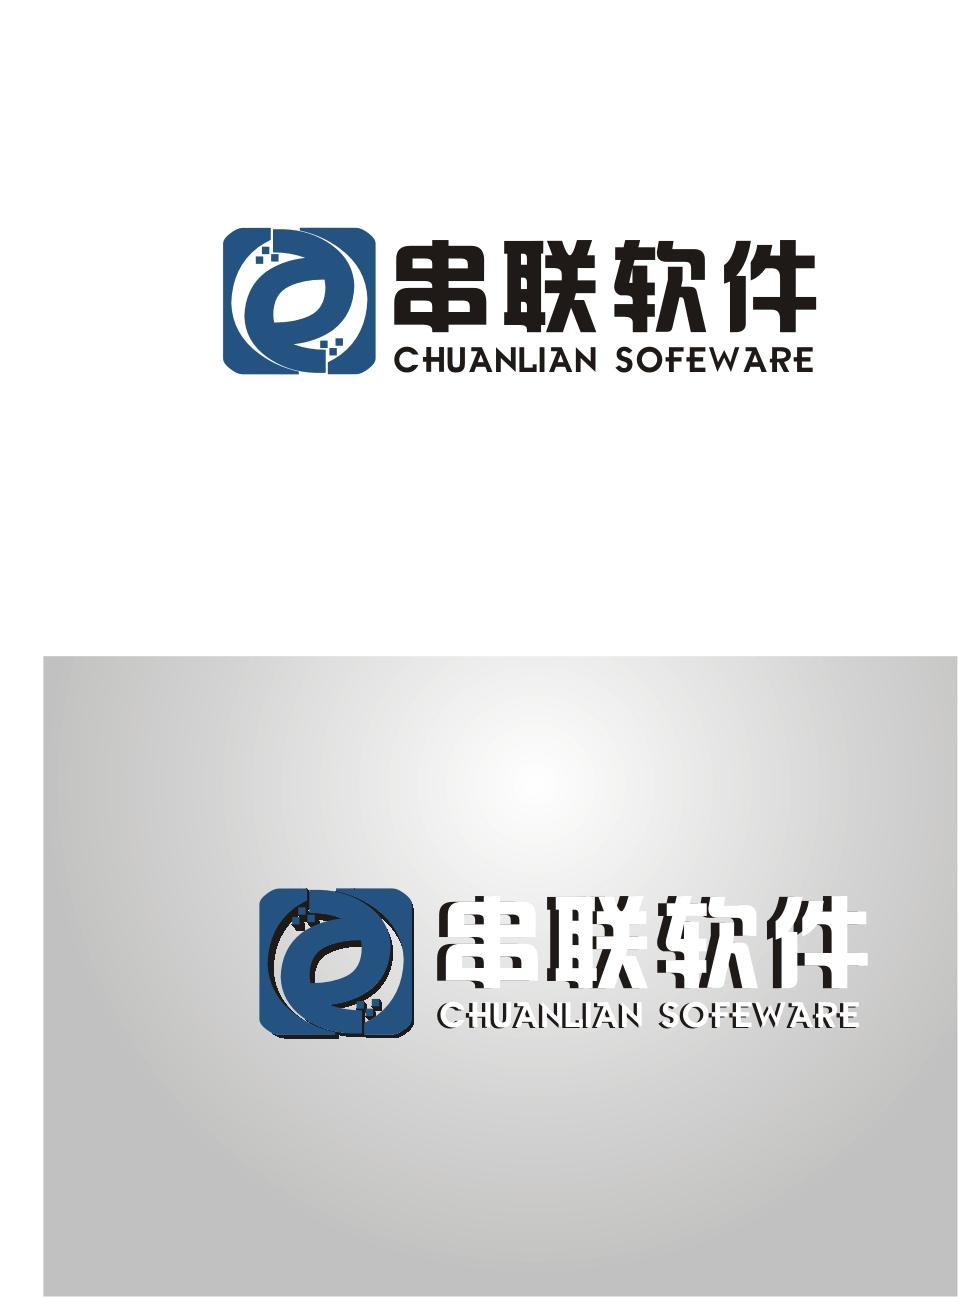 软件科技类公司logo设计